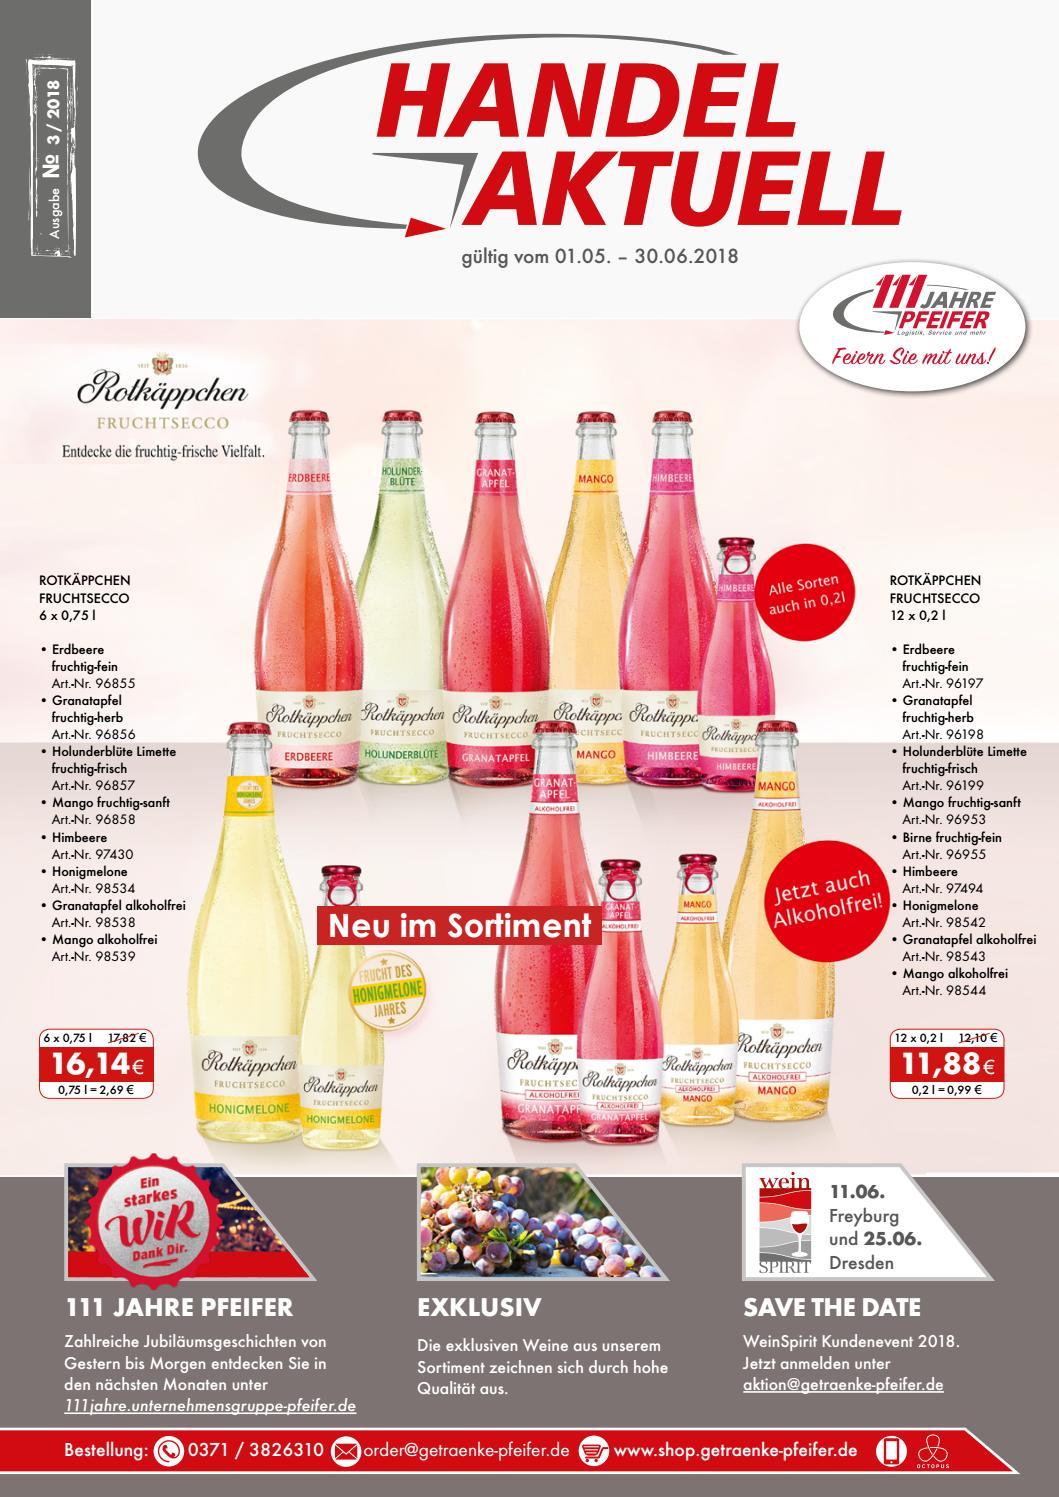 Handel Aktuell - Ausgabe 3 / 2018 by Getränke Pfeifer GmbH - issuu